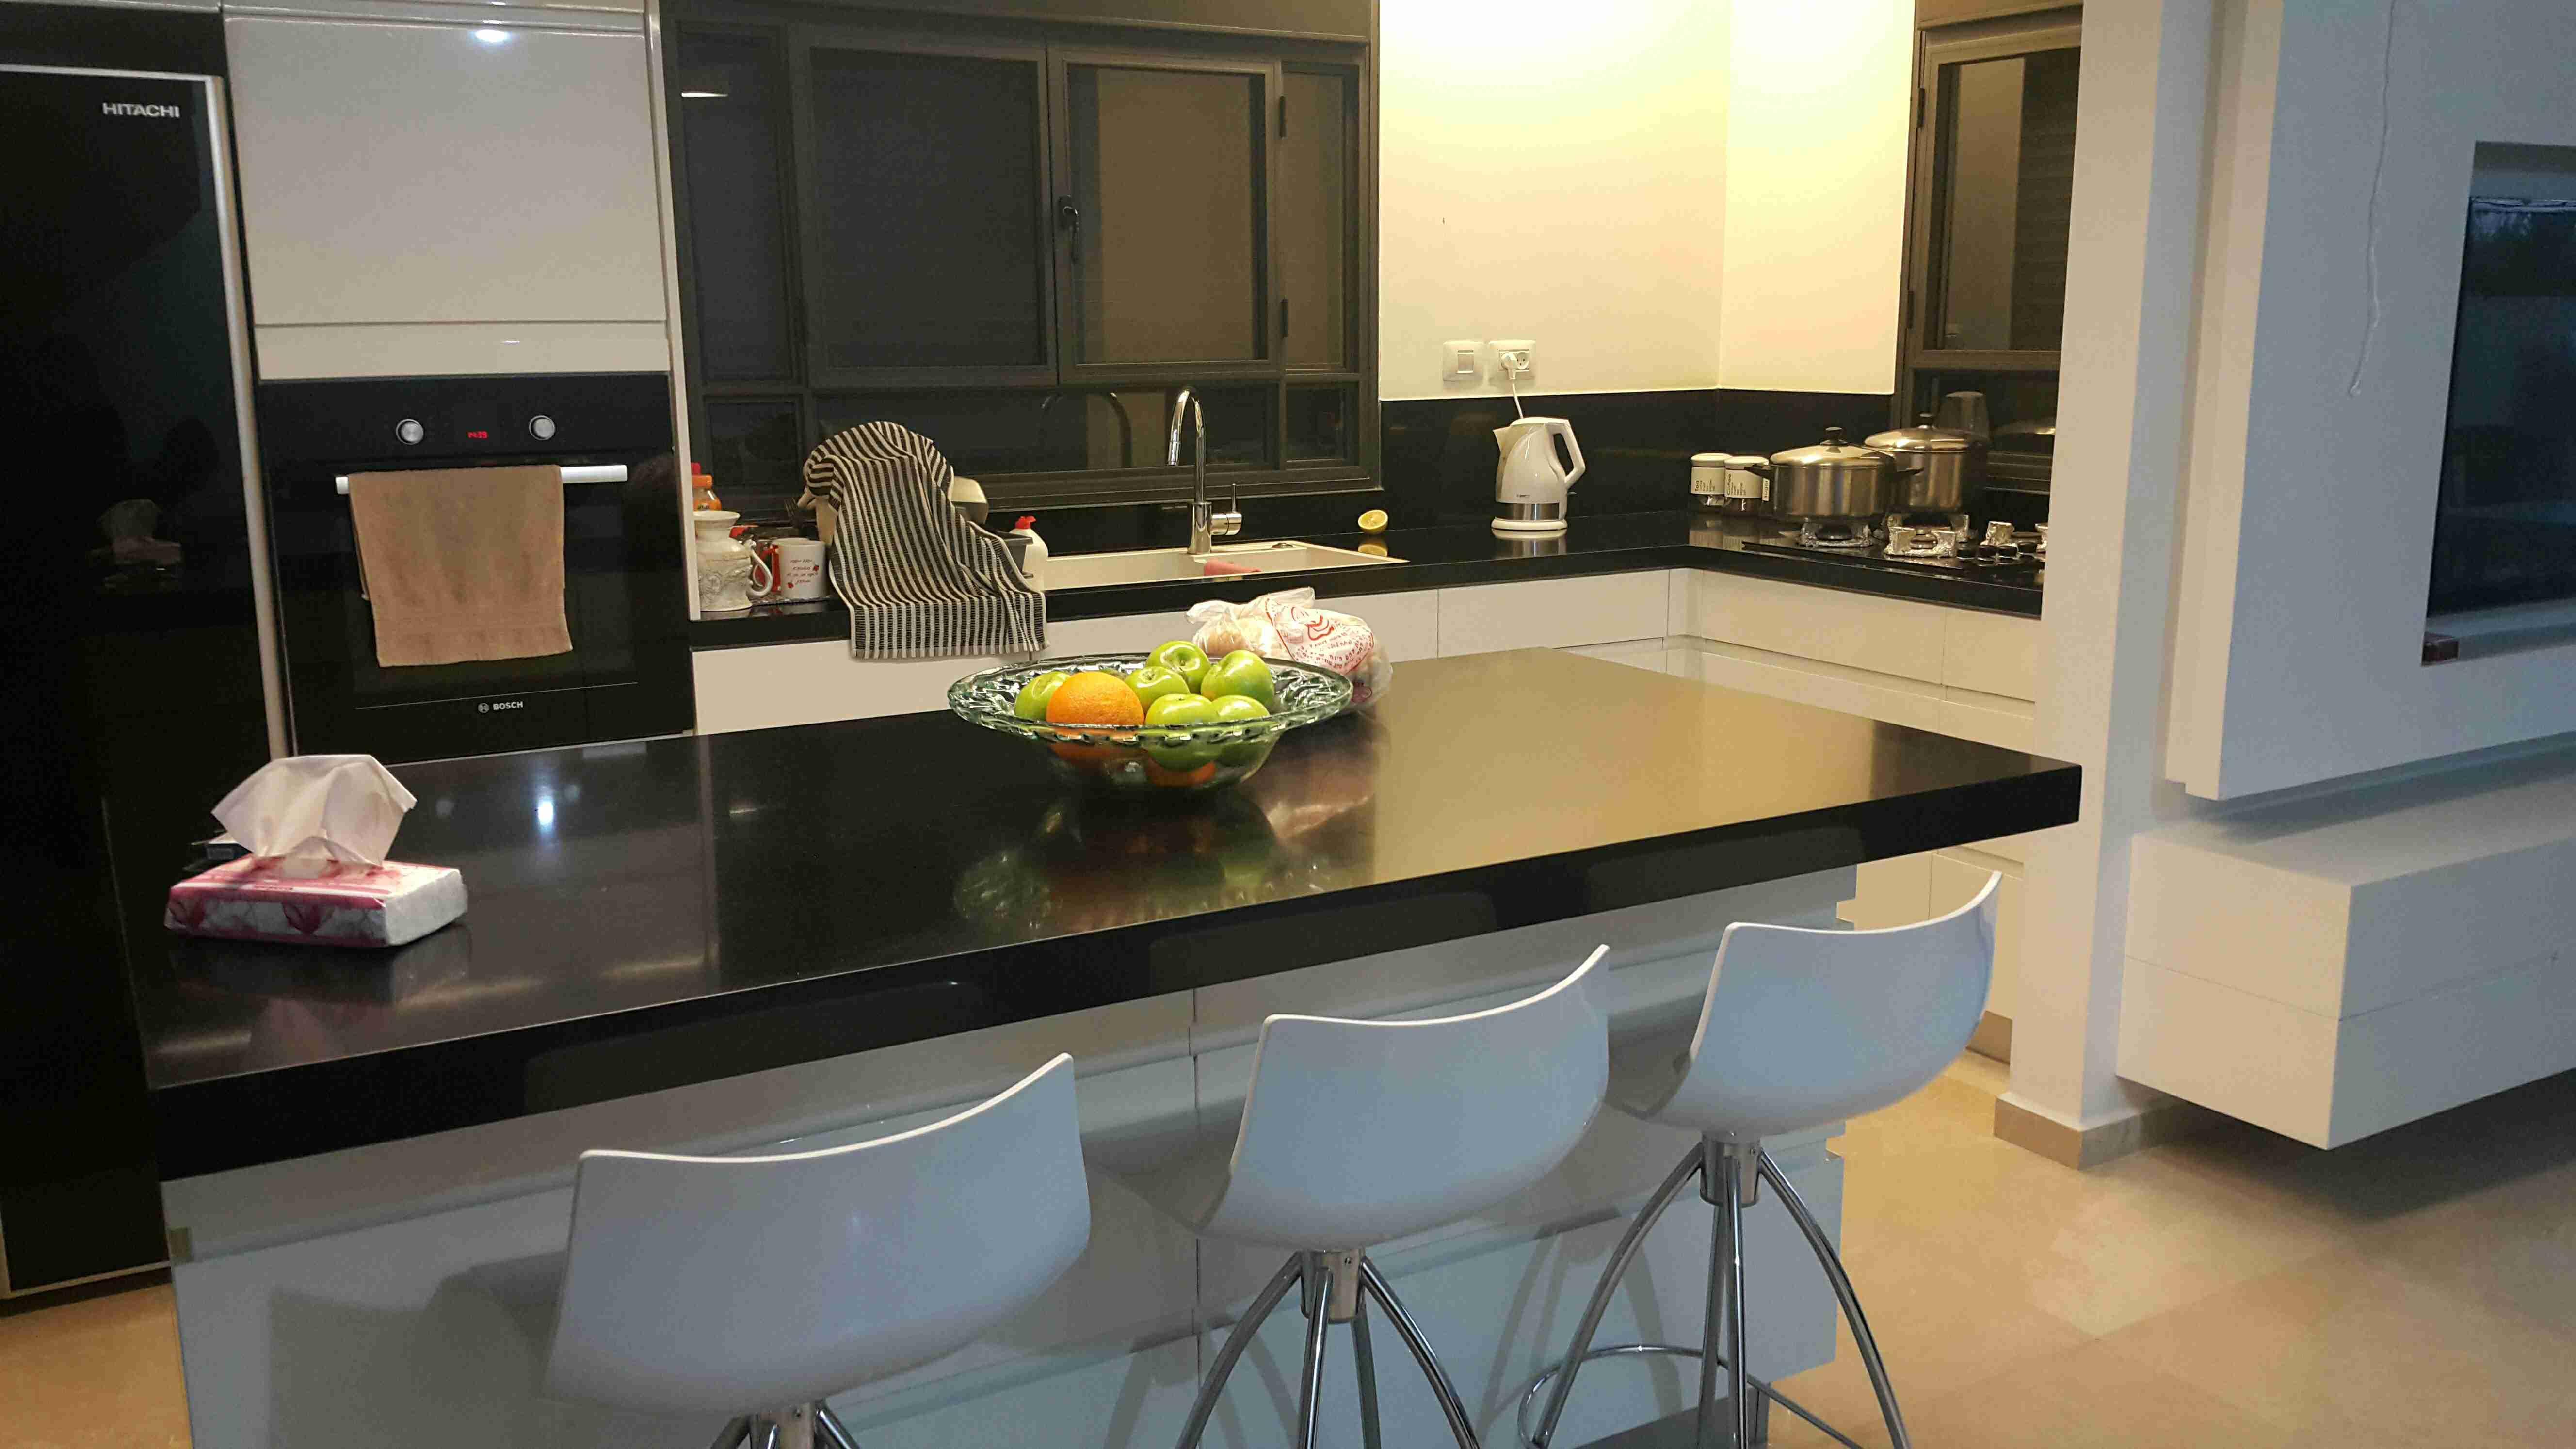 מאוד סימה בתים יפים - דירות למכירה בבאר שבע - דירות למכירה בלוד - עסקים ZI-31